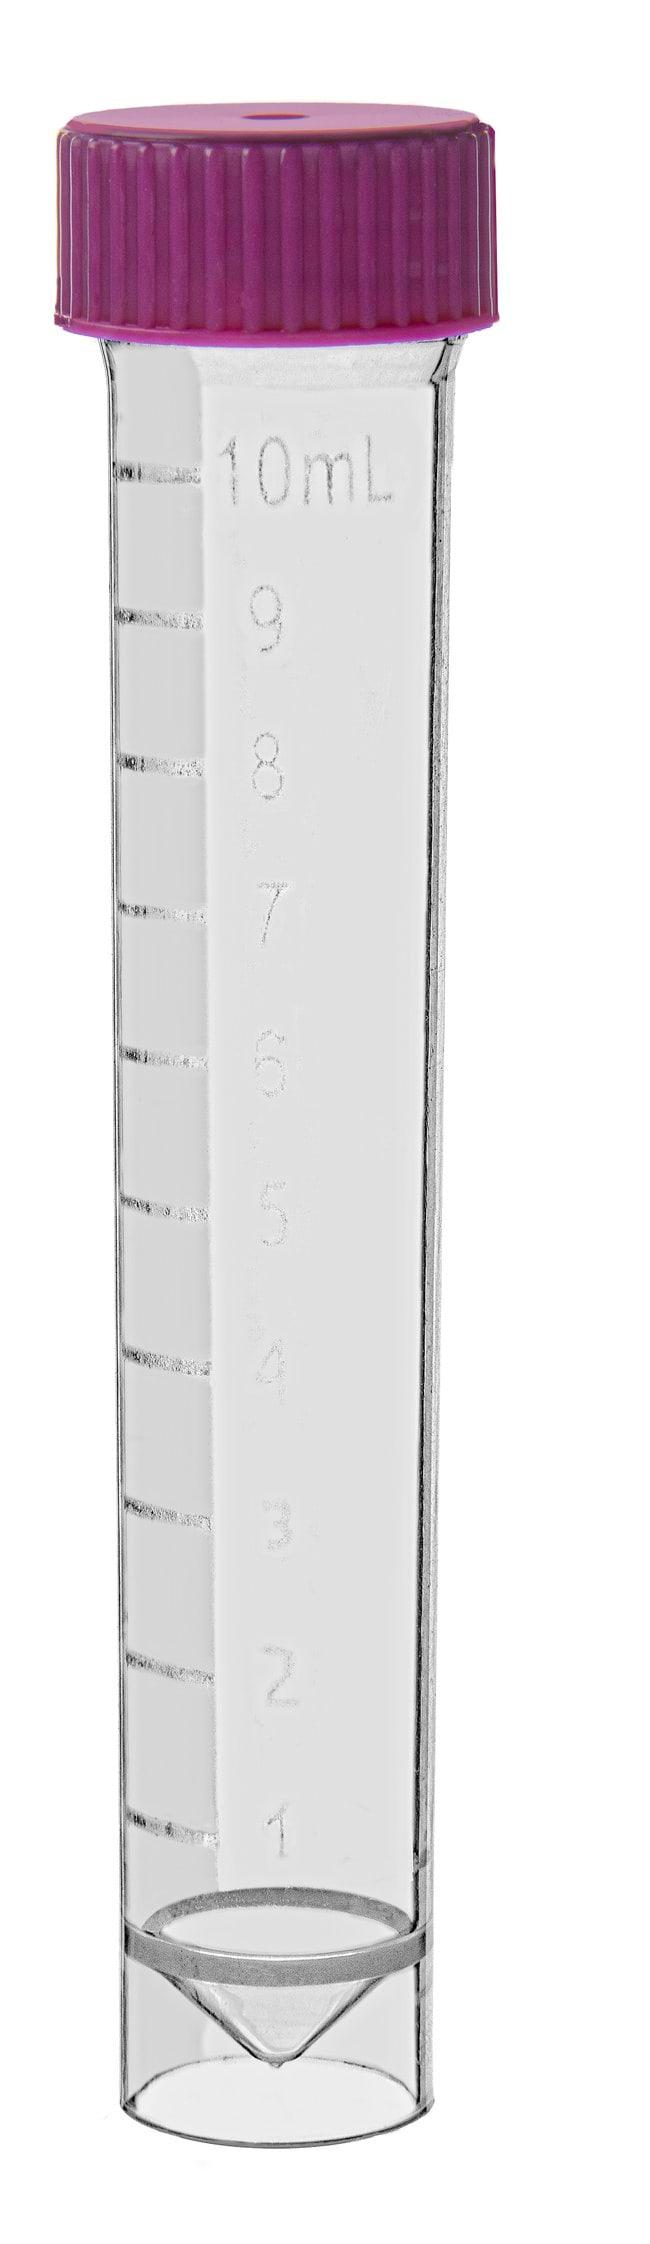 LabconTubes de prélèvement et de transport d'échantillons SuperClear™ - 10ml Stériles, 1/boîte LabconTubes de prélèvement et de transport d'échantillons SuperClear™ - 10ml